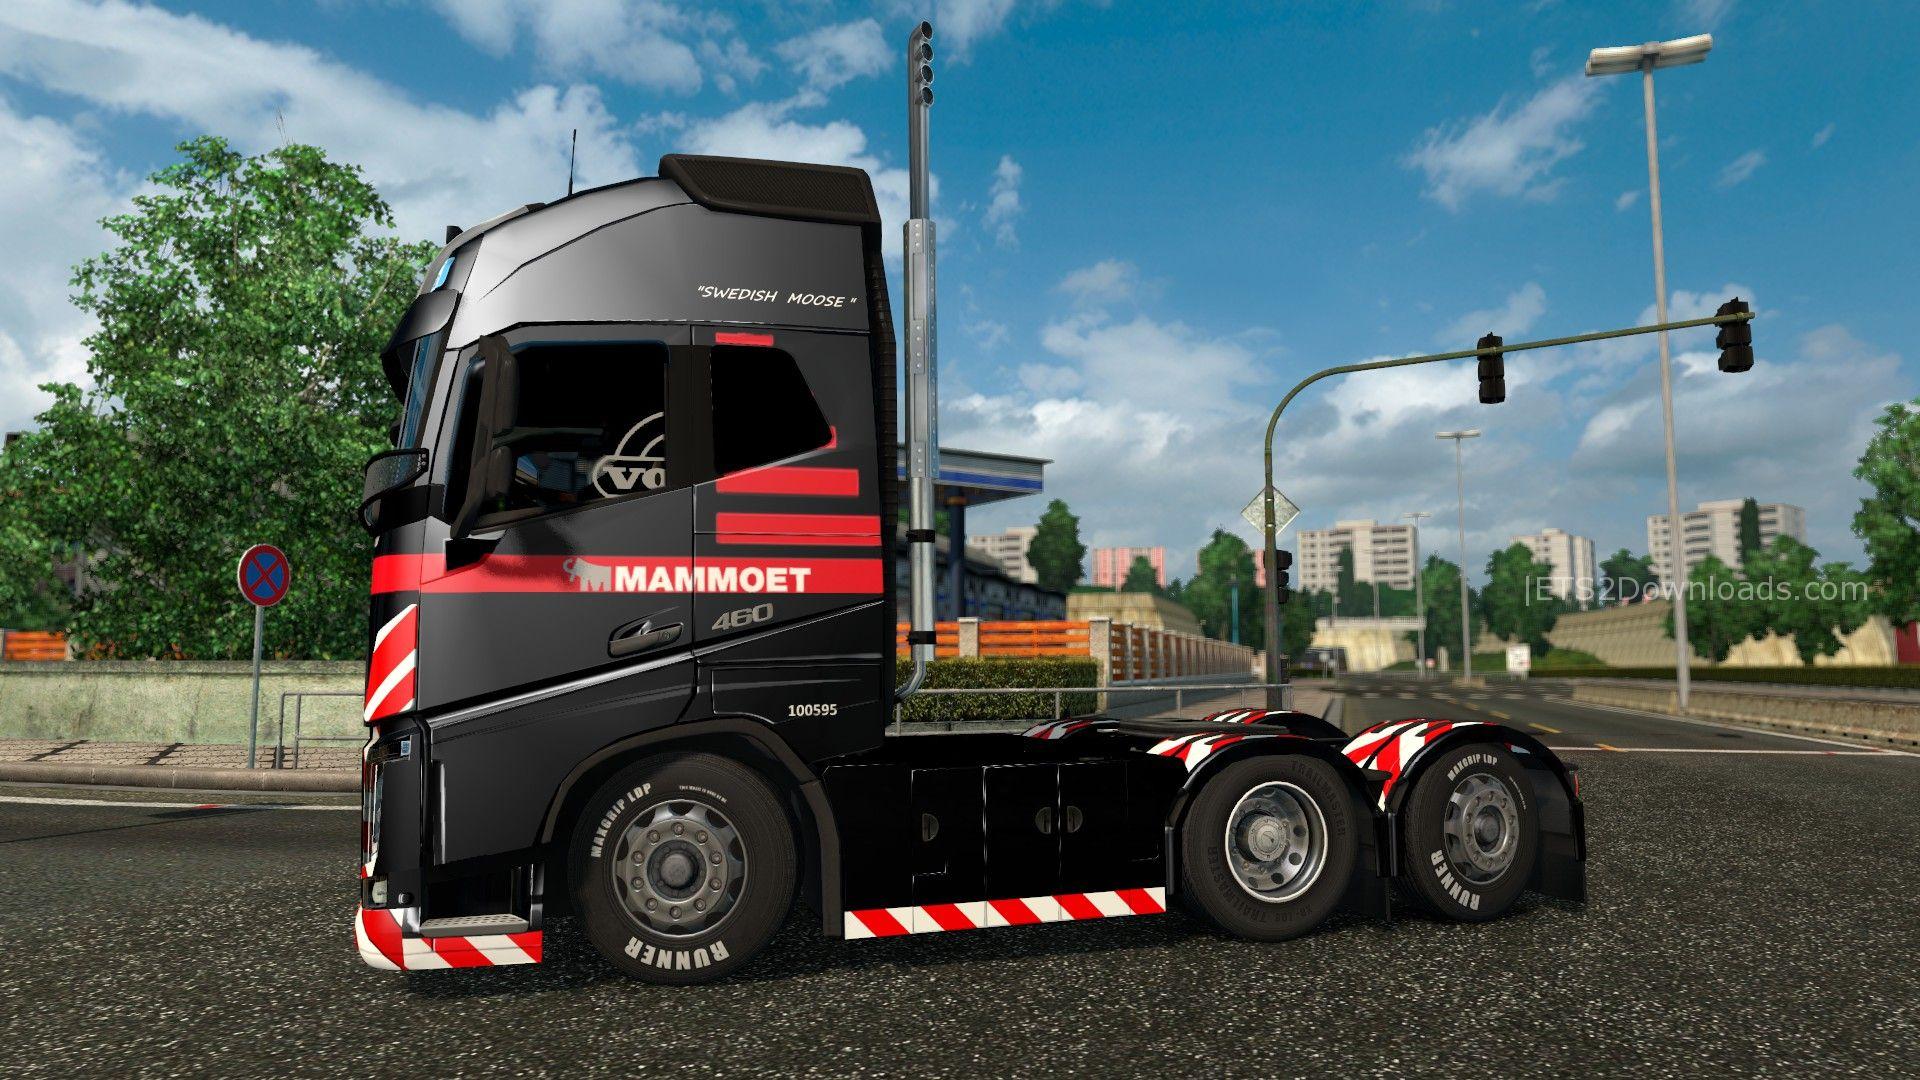 mammoet-skin-pack-for-all-trucks-3